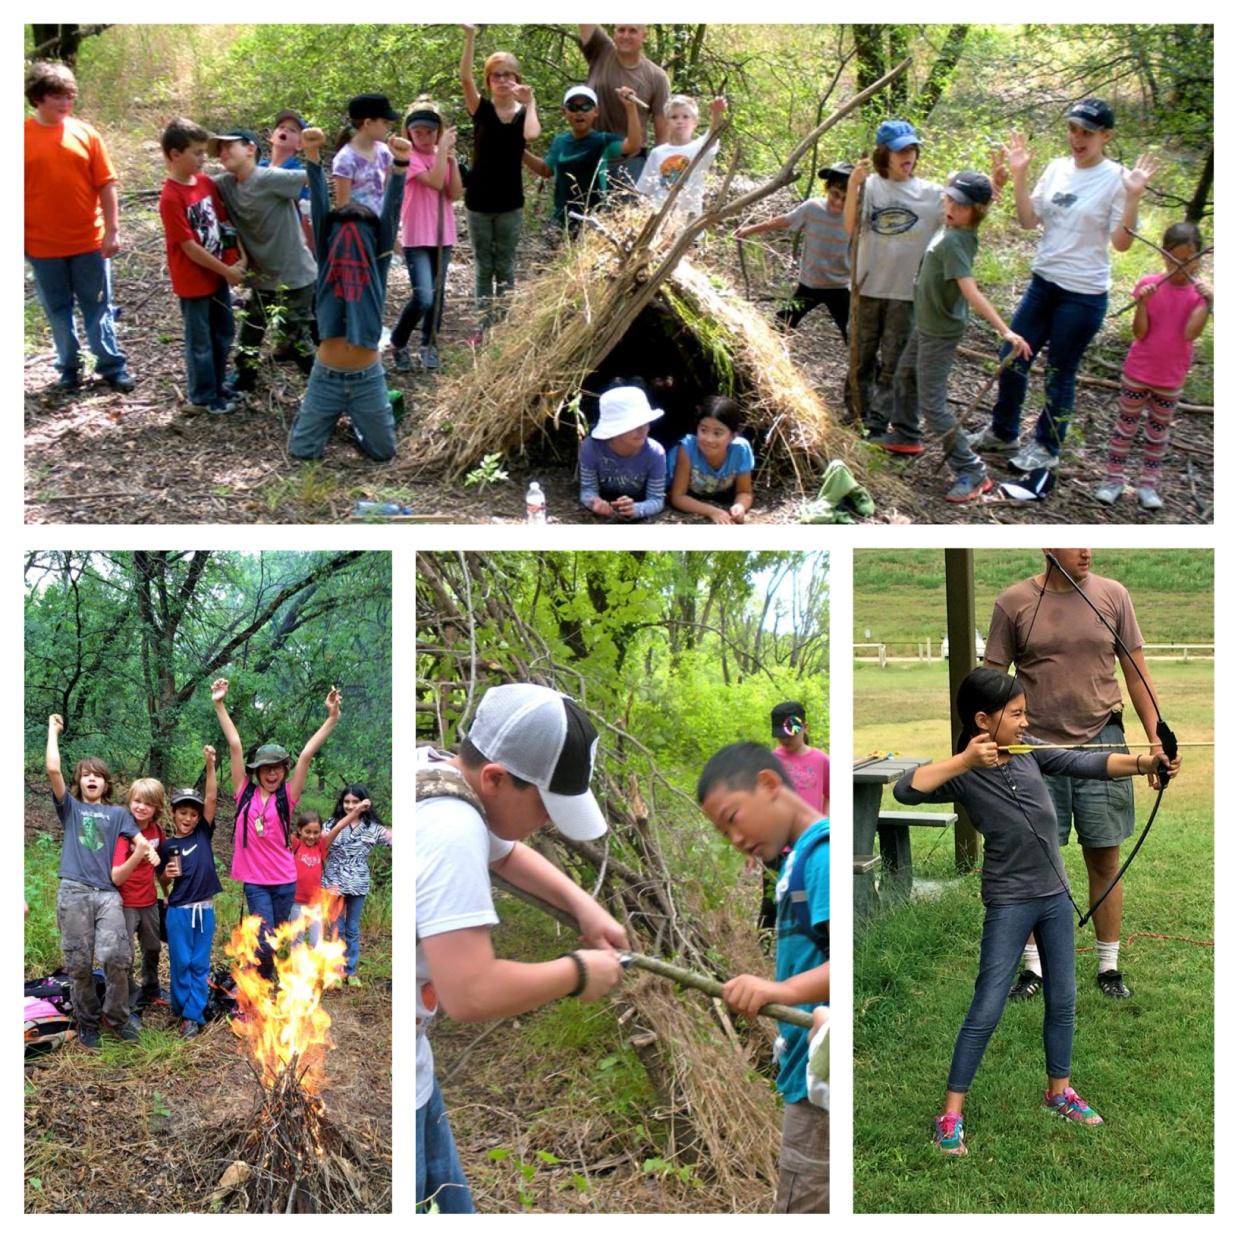 Indian Wilderness Survival Skills: Kids' Wilderness Survival Camp 2018